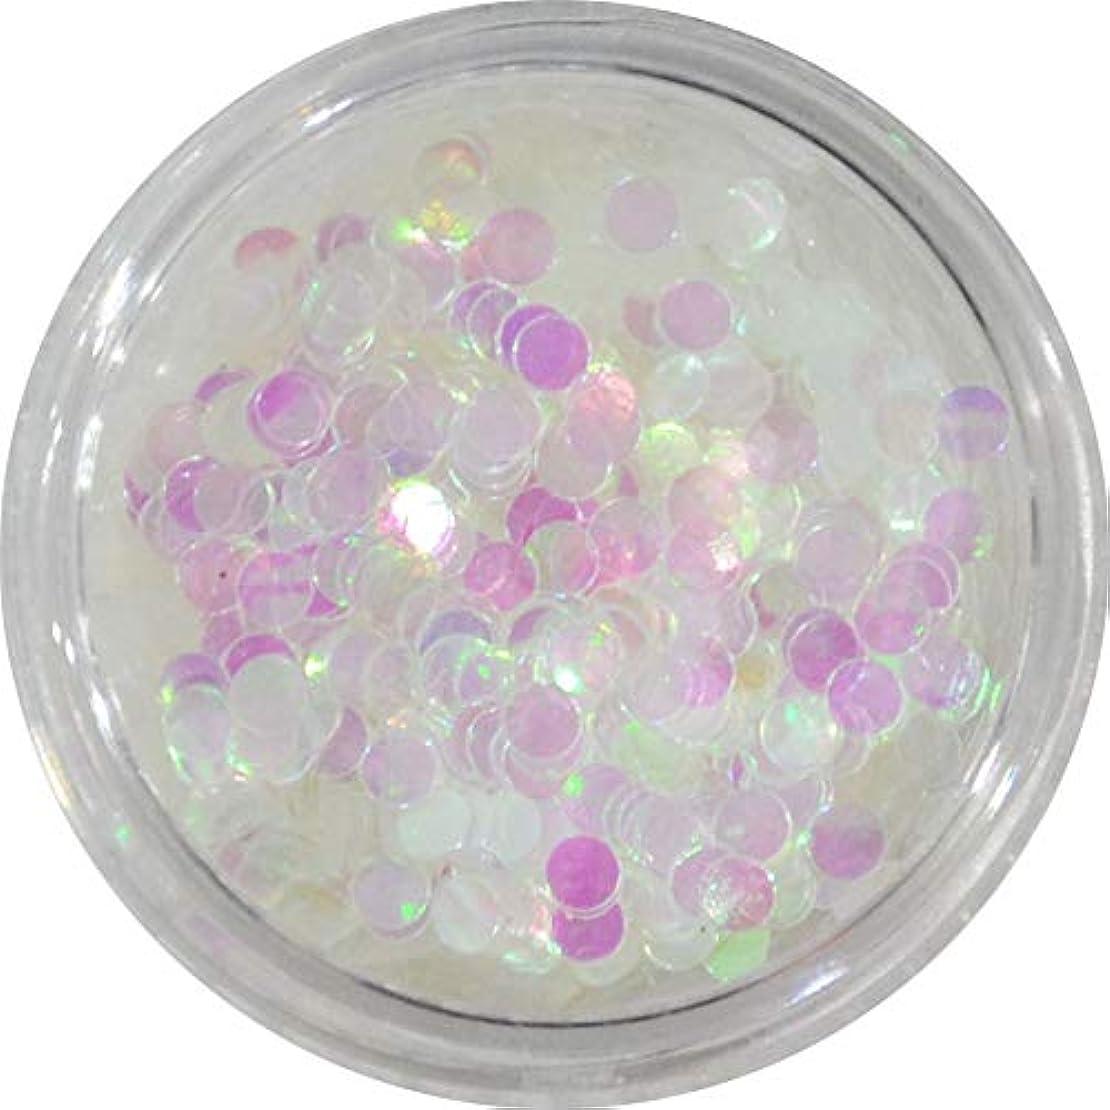 外出お客様検出器丸ホロ 水玉模様 ドット柄 など色々使える便利な 丸いホログラム 円形 丸型 ラウンド ホログラム (クリアホワイトオーロラ2mm)